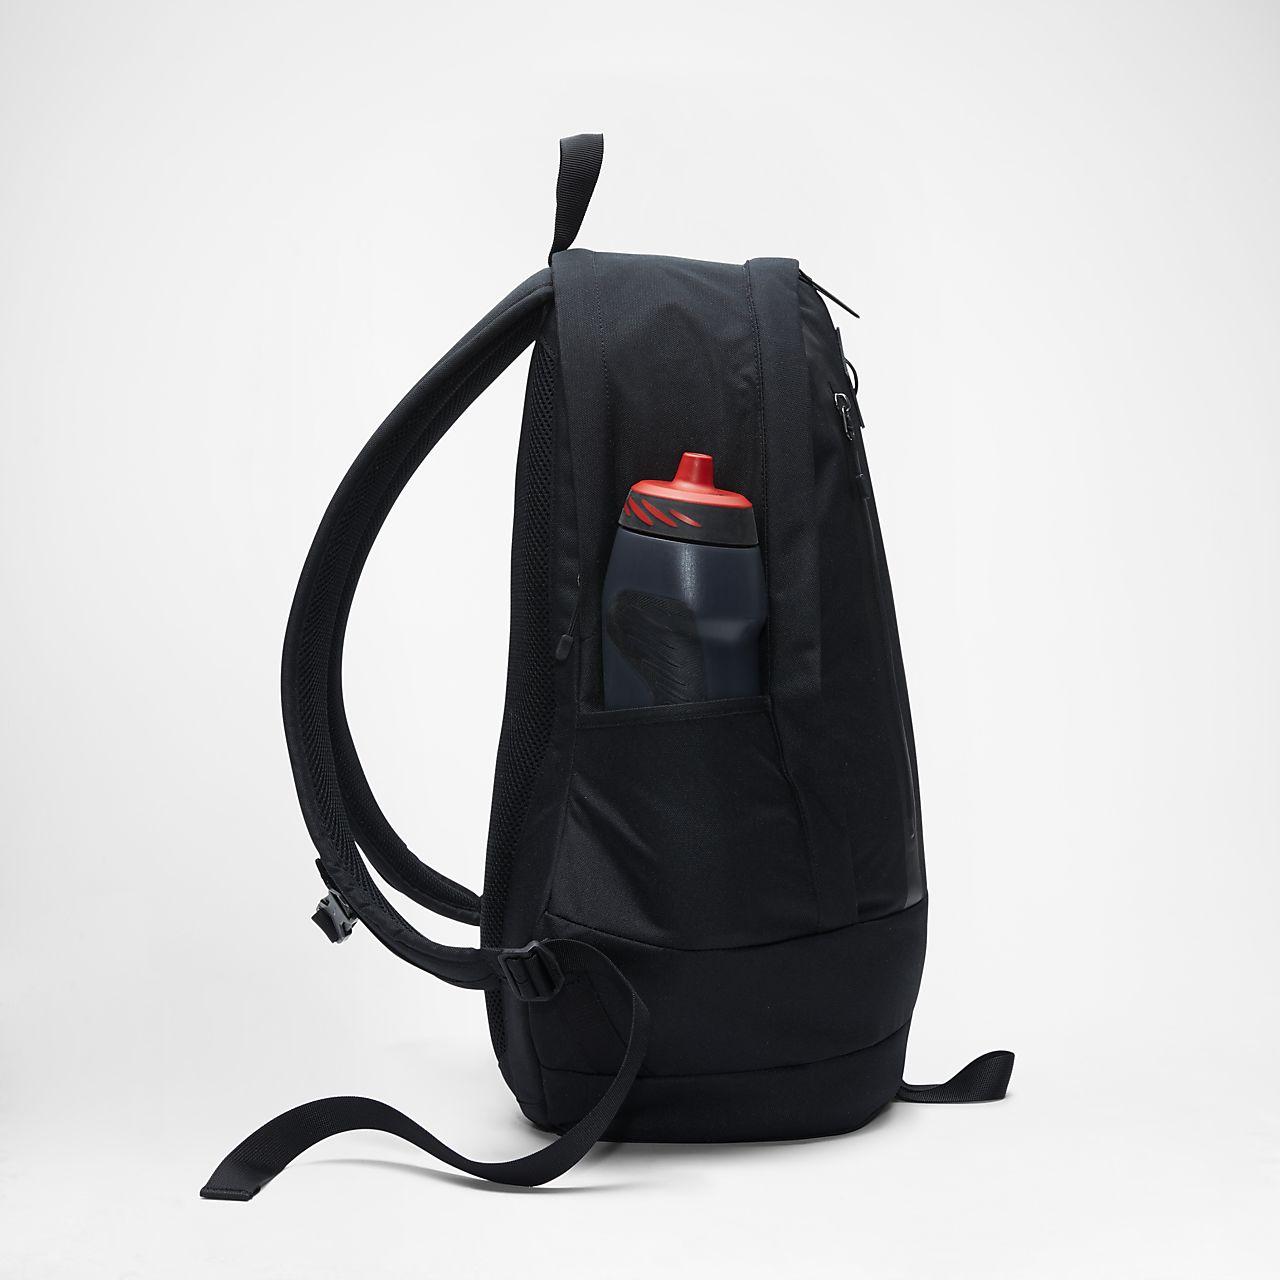 8593308b7d Nike Sportswear Cheyenne 3.0 Solid Backpack. Nike.com ZA